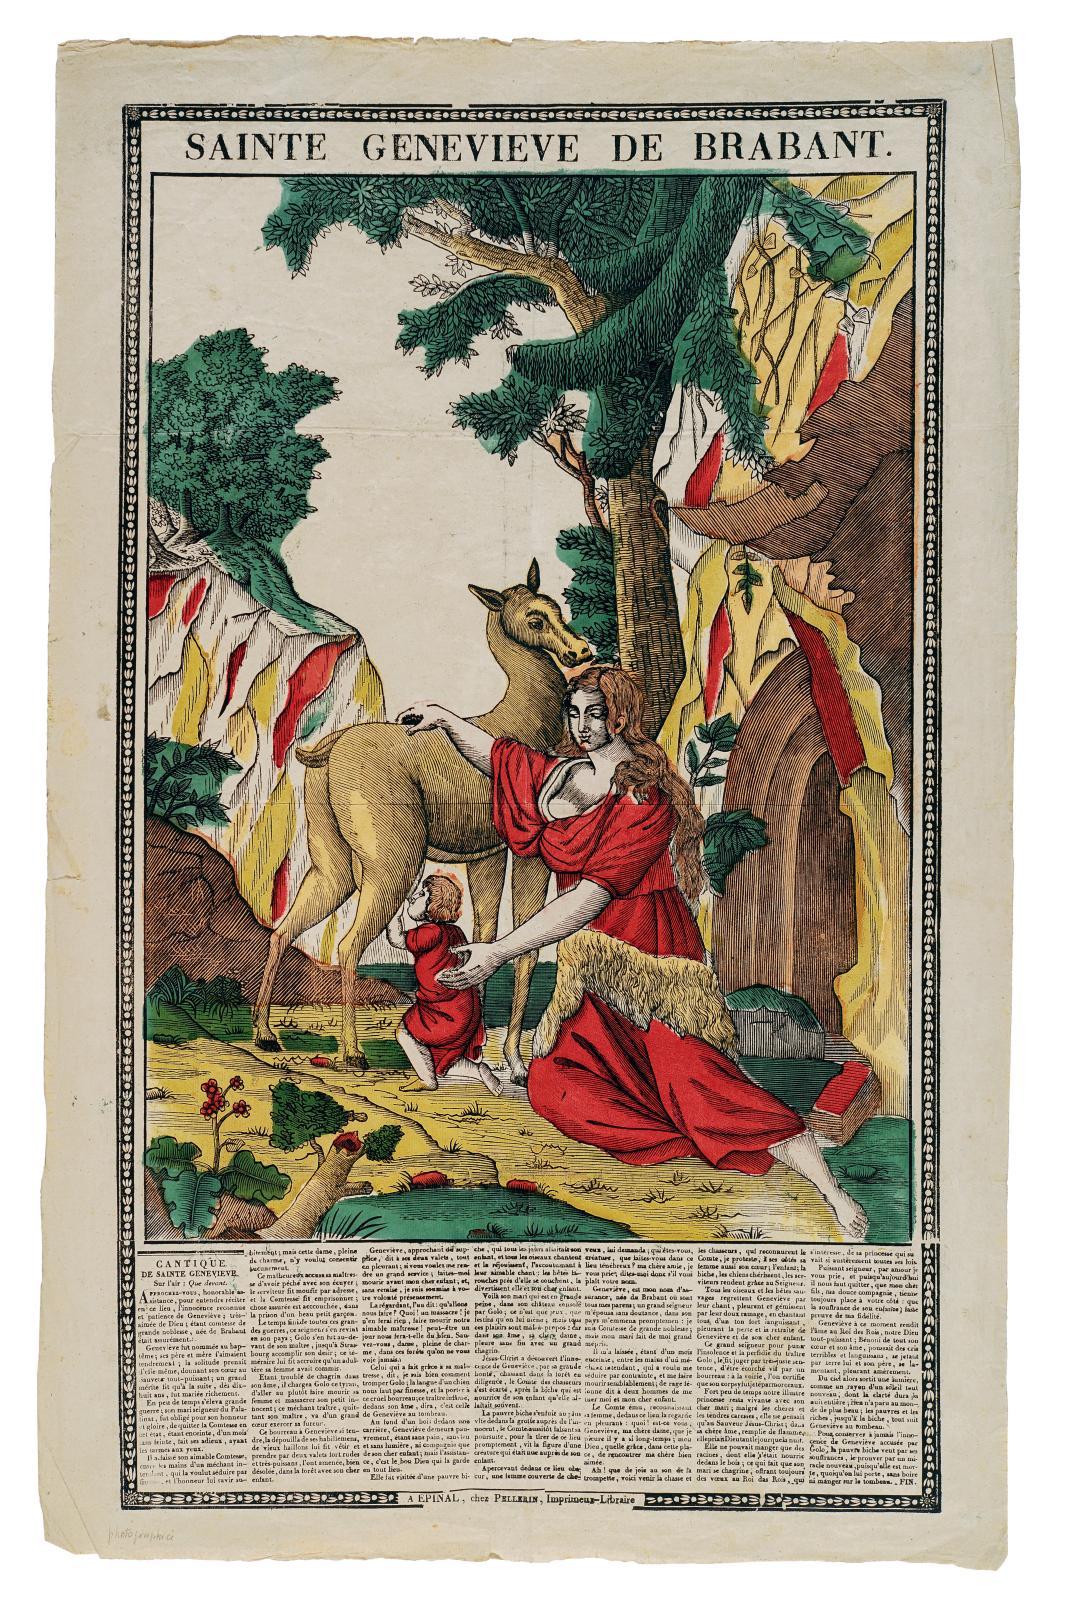 Sainte Geneviève de Brabant, à Épinal chez Pellerin (1837), 60,3 x 35,4 cm.